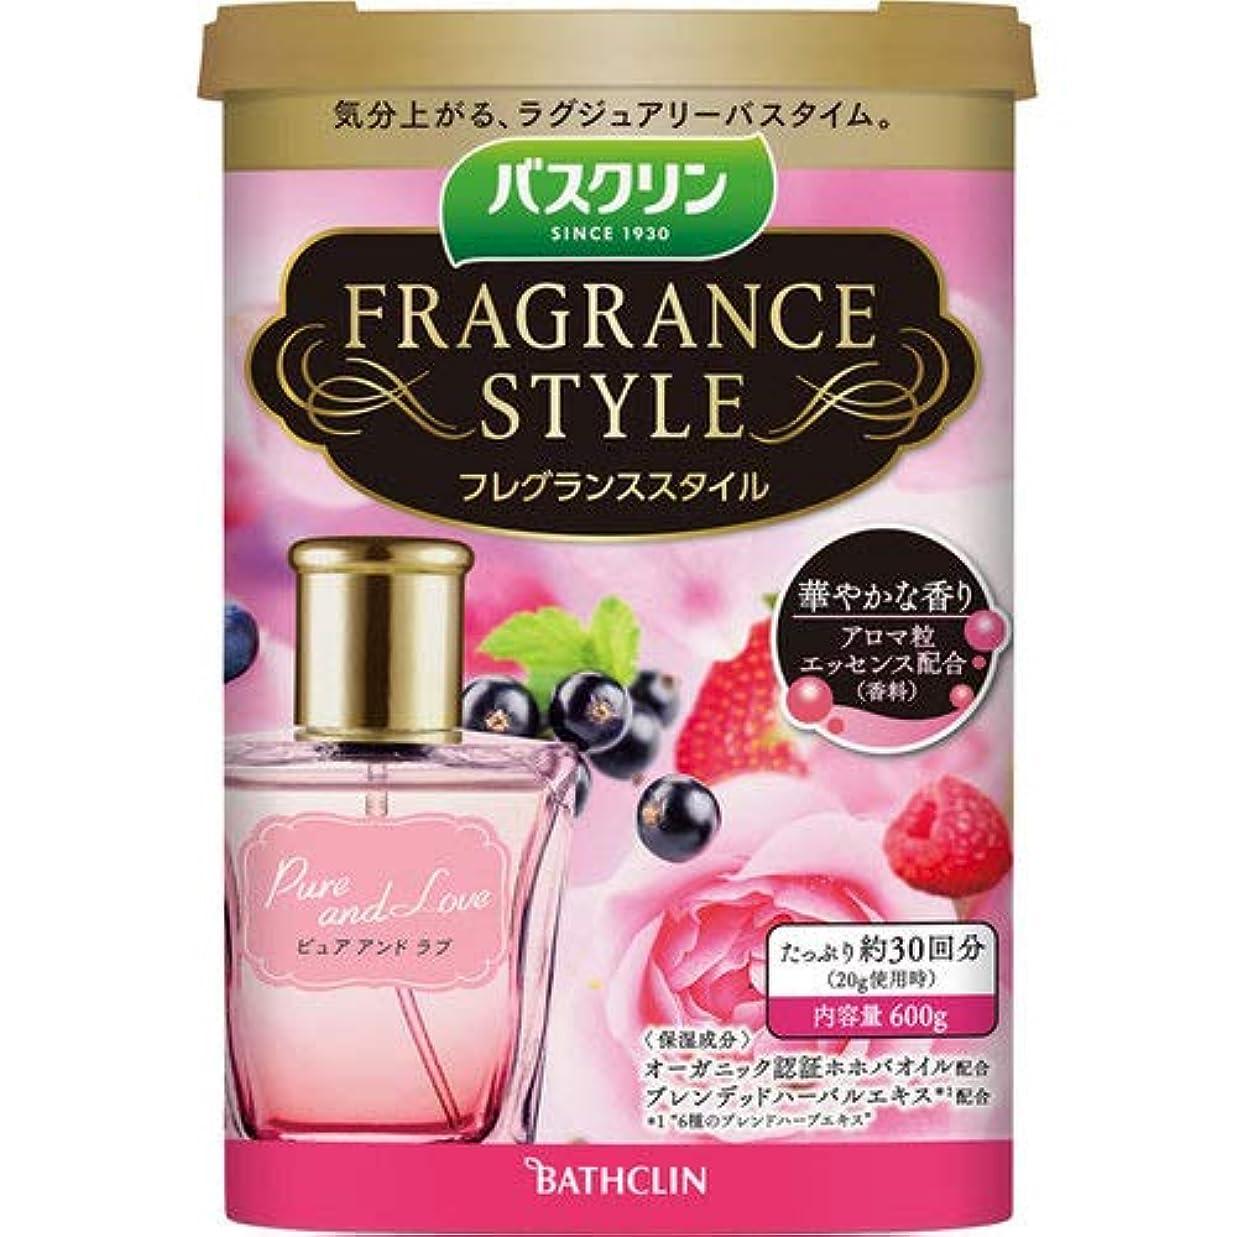 因子ソーセージラババスクリンフレグランススタイルピュア アンド ラブ 入浴剤 フルーティーローズ調の香りの入浴剤 600g